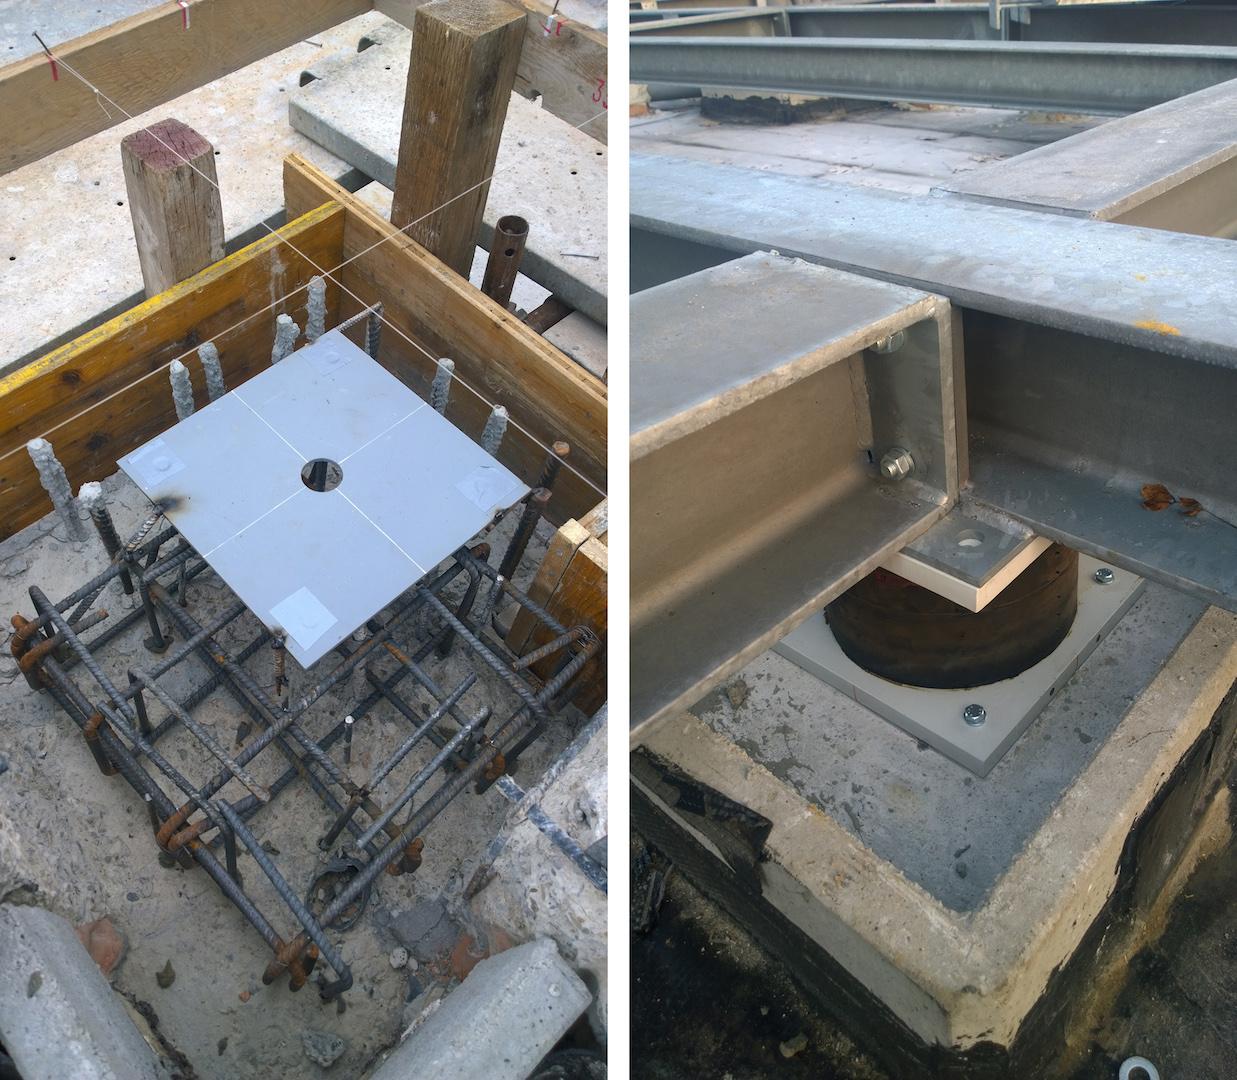 Come vengono innestati gli isolatori sismici sulla sommità dei pilastri esistenti © Marco Peroni Ingegneria